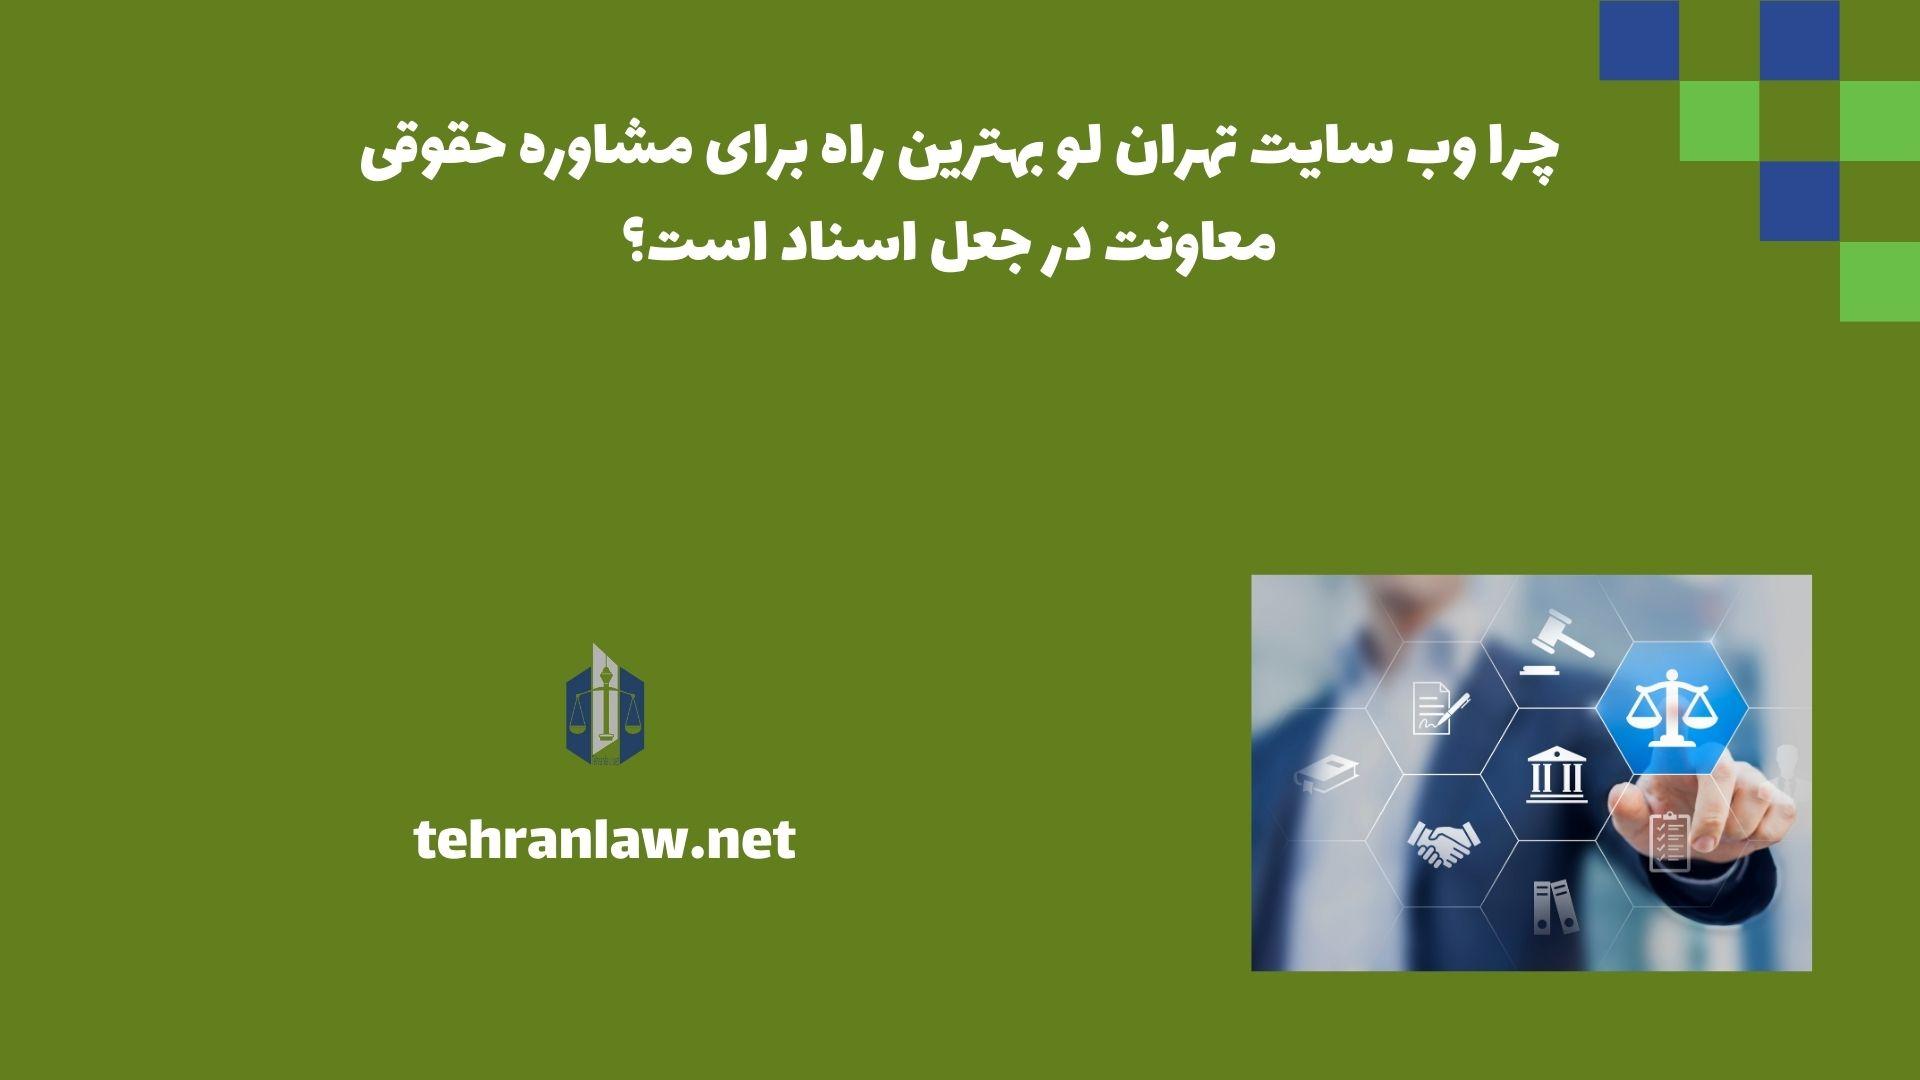 چرا وب سایت تهران لو بهترین راه برای مشاوره حقوقی معاونت در جعل اسناد است؟